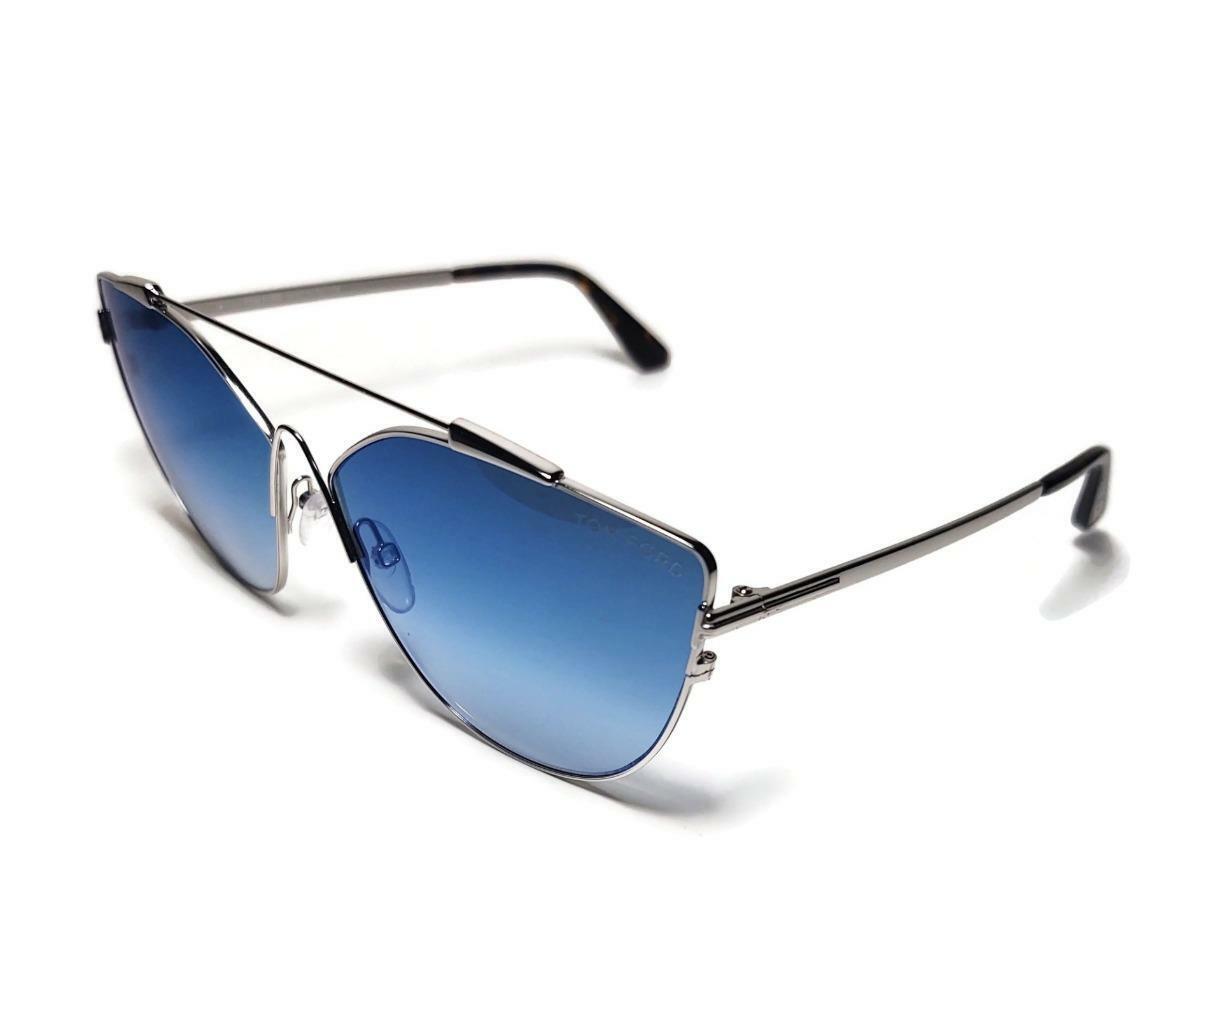 TOM FORD JACQUELYN 0563 18X Femmes surdimensionné Cat Eye Lunettes de soleil argent miroir bleu